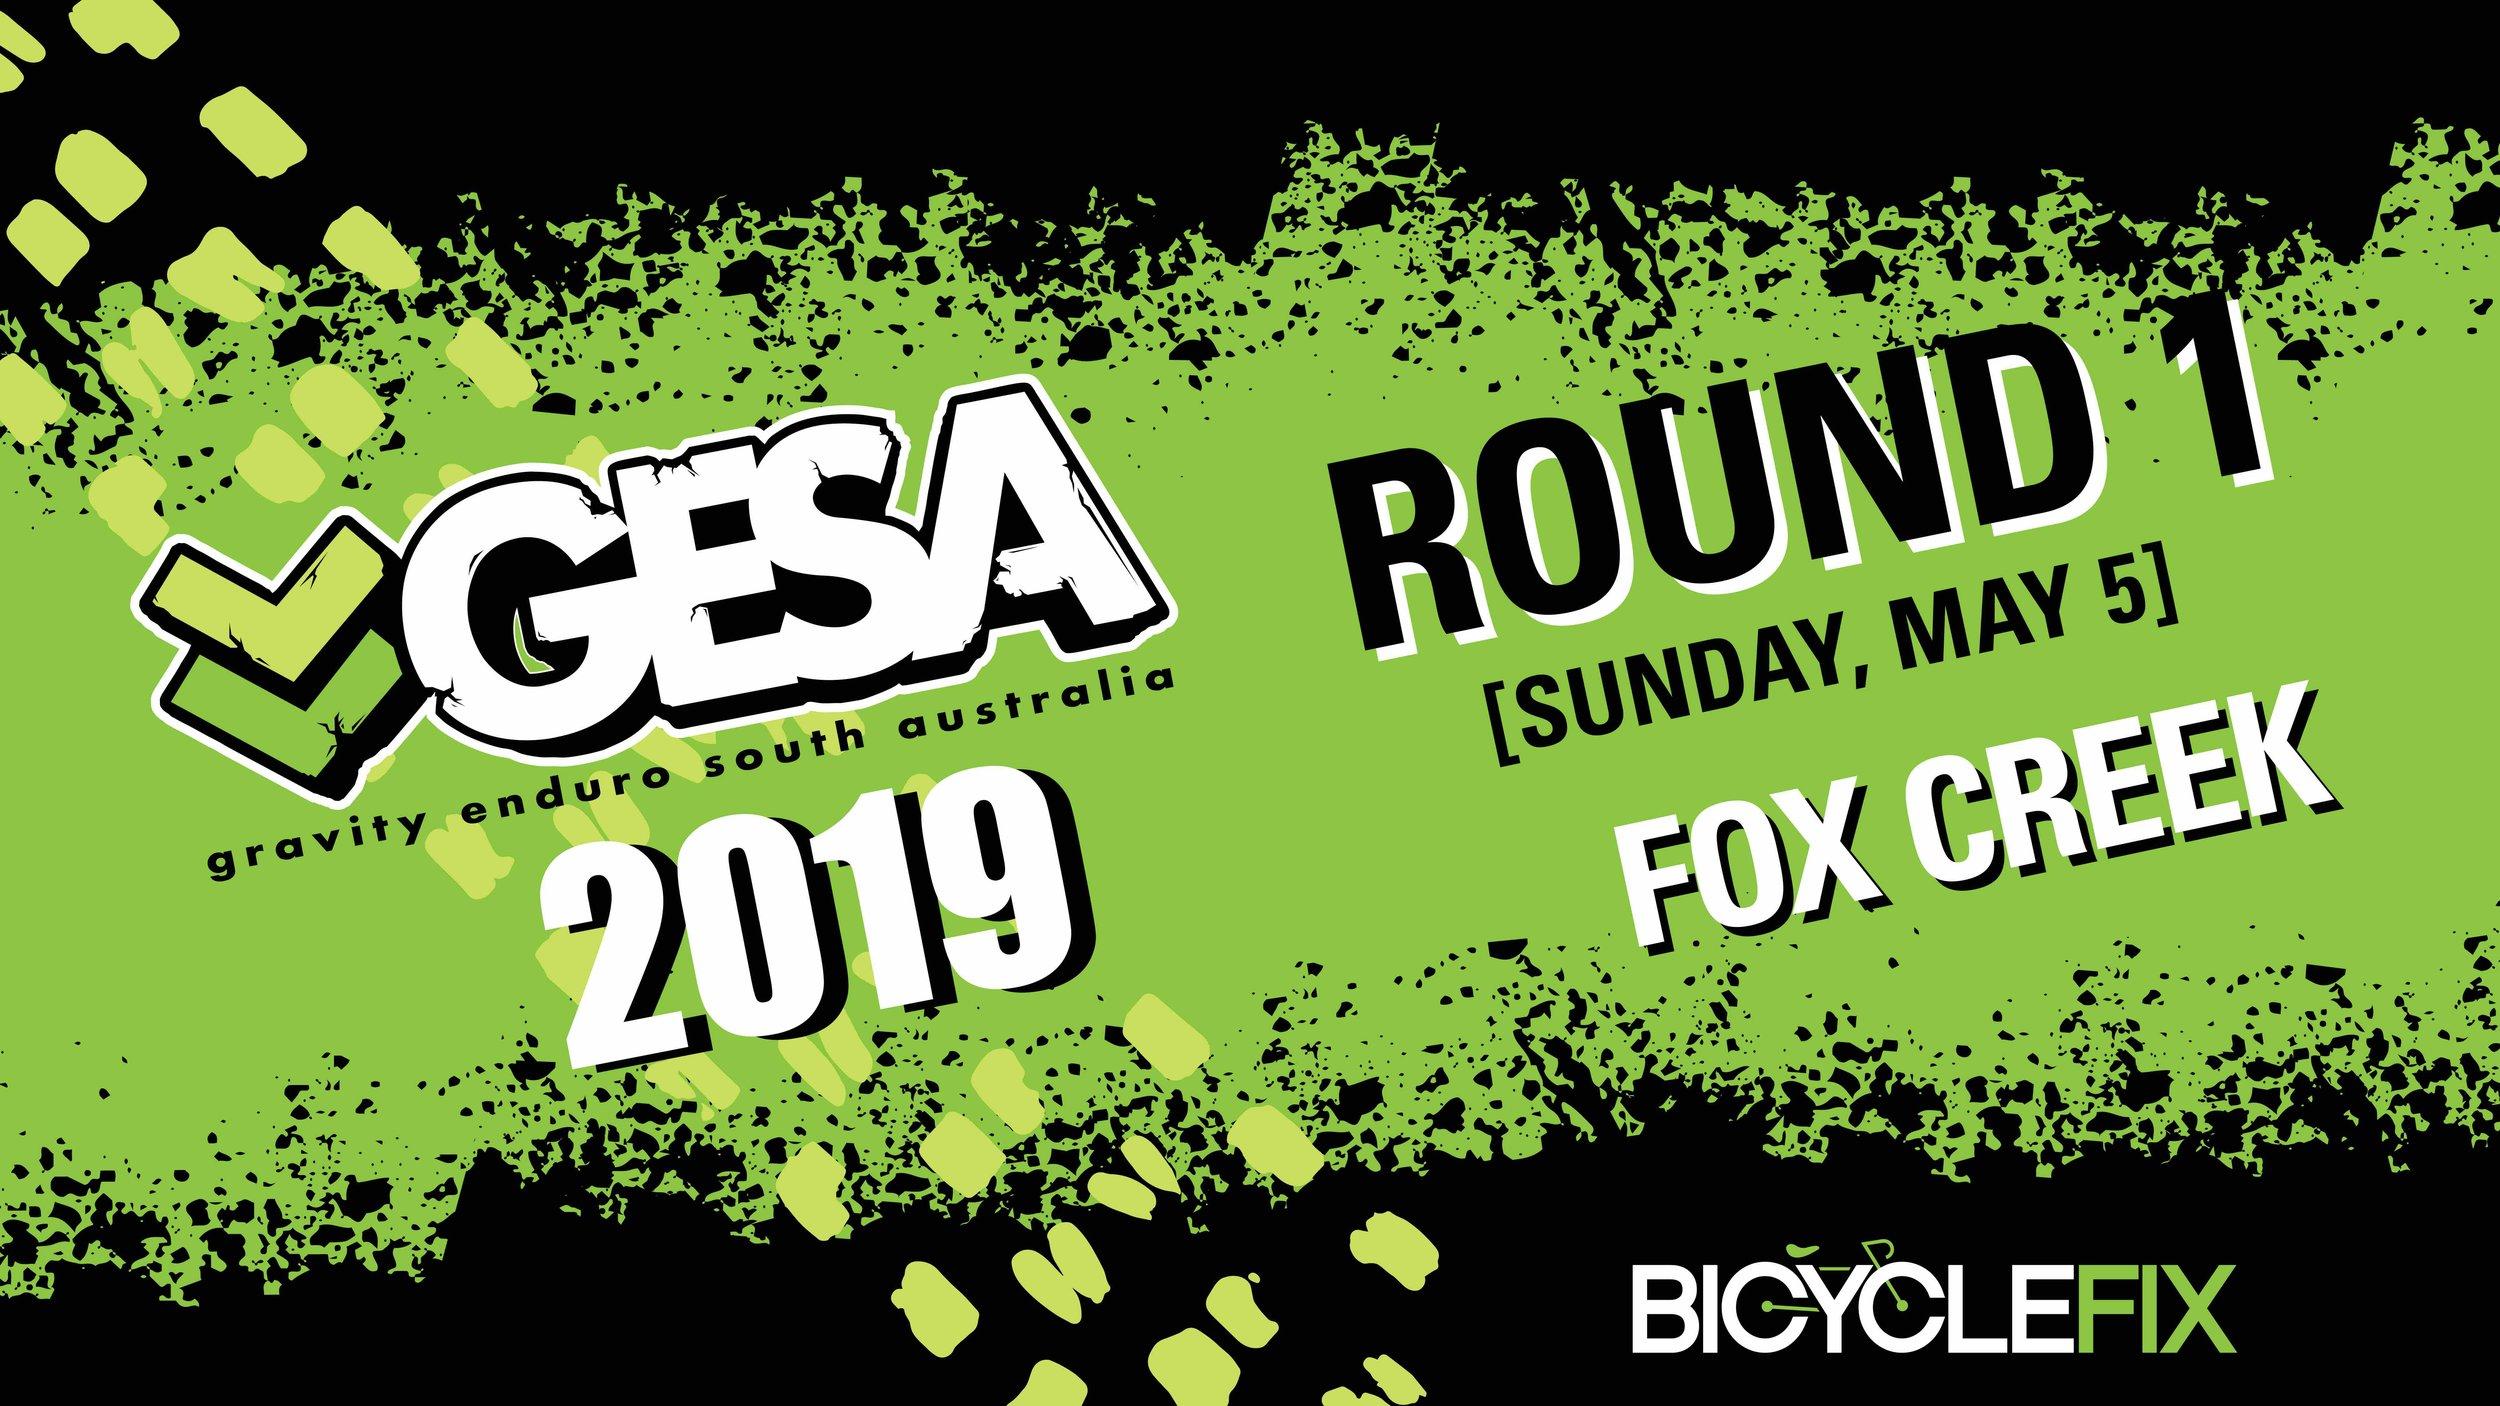 GESA Round 1 Fox Crrek